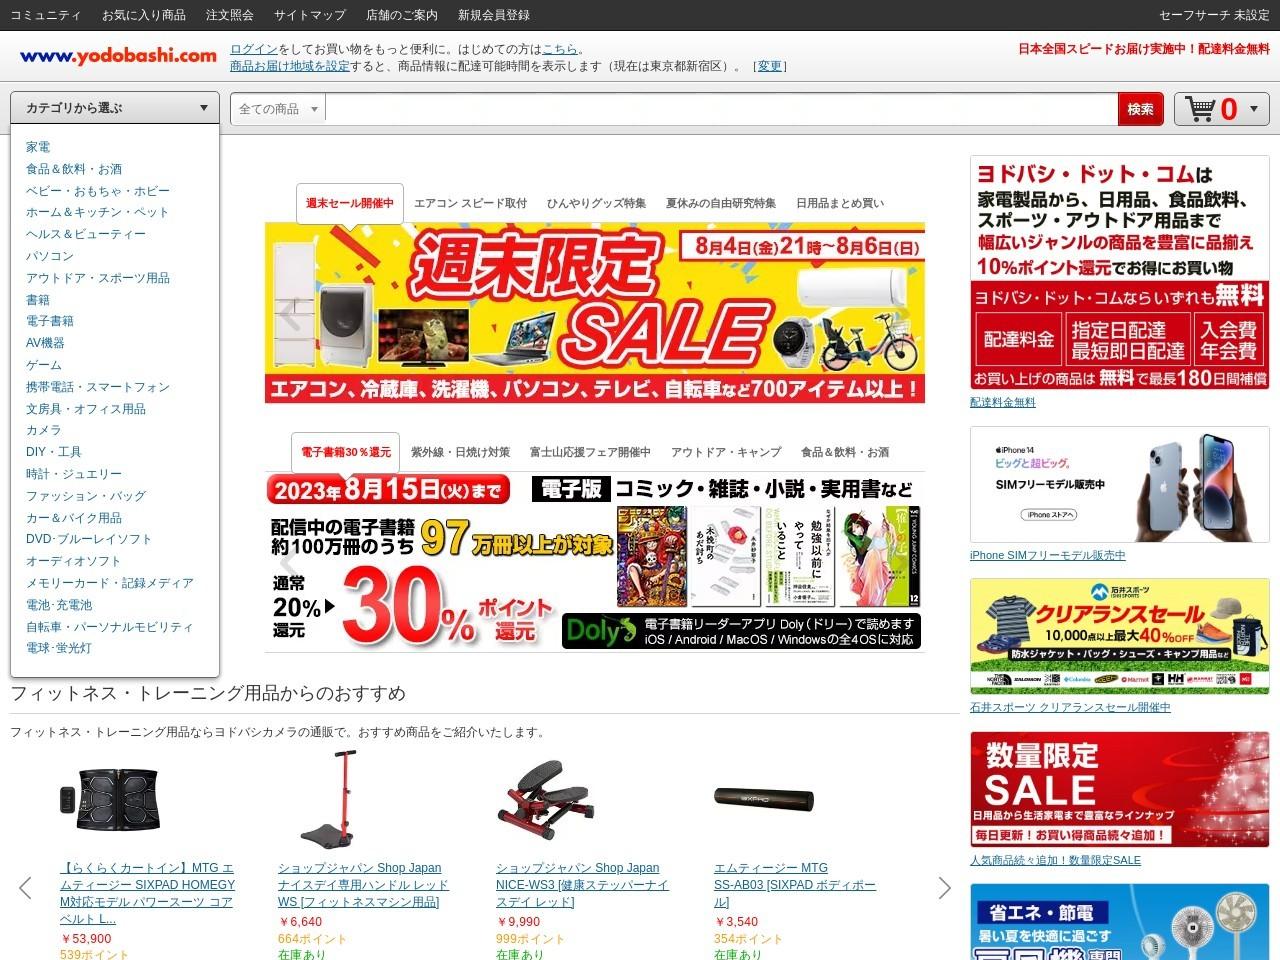 ヨドバシ.com - ヨドバシカメラの公式通販サイト【全品無料配達】